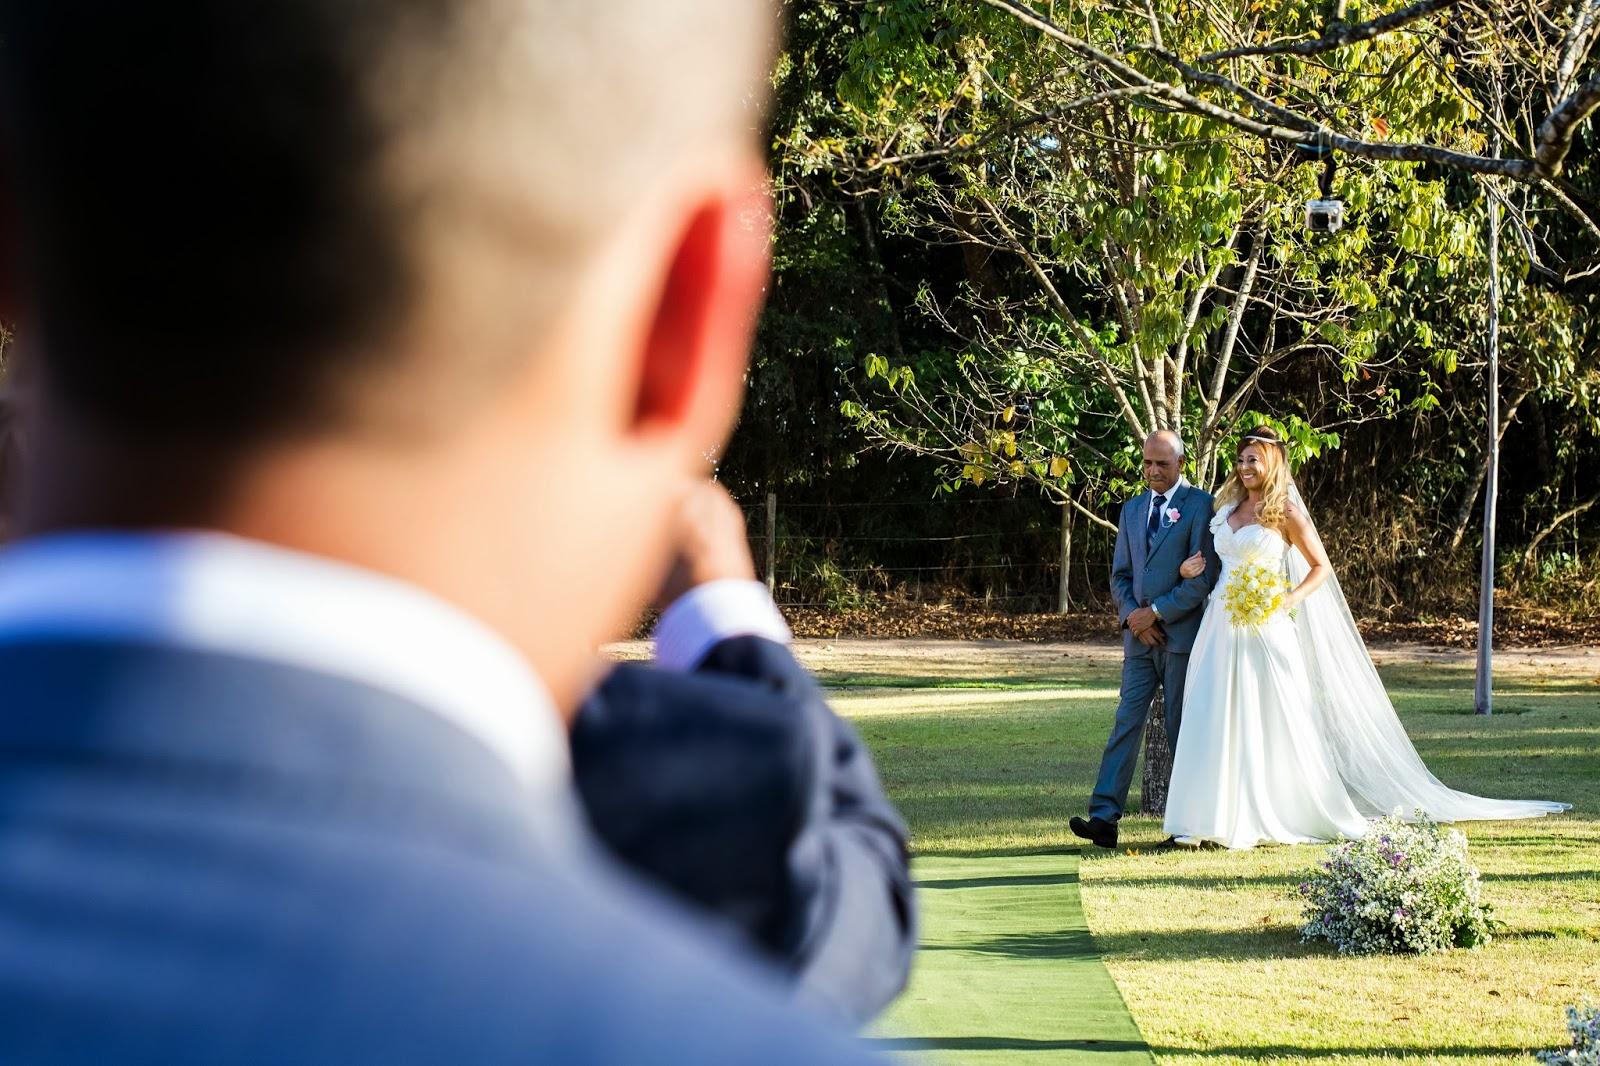 entrada noiva - noiva - pai noiva - casamento de dia - casamento ao ar livre